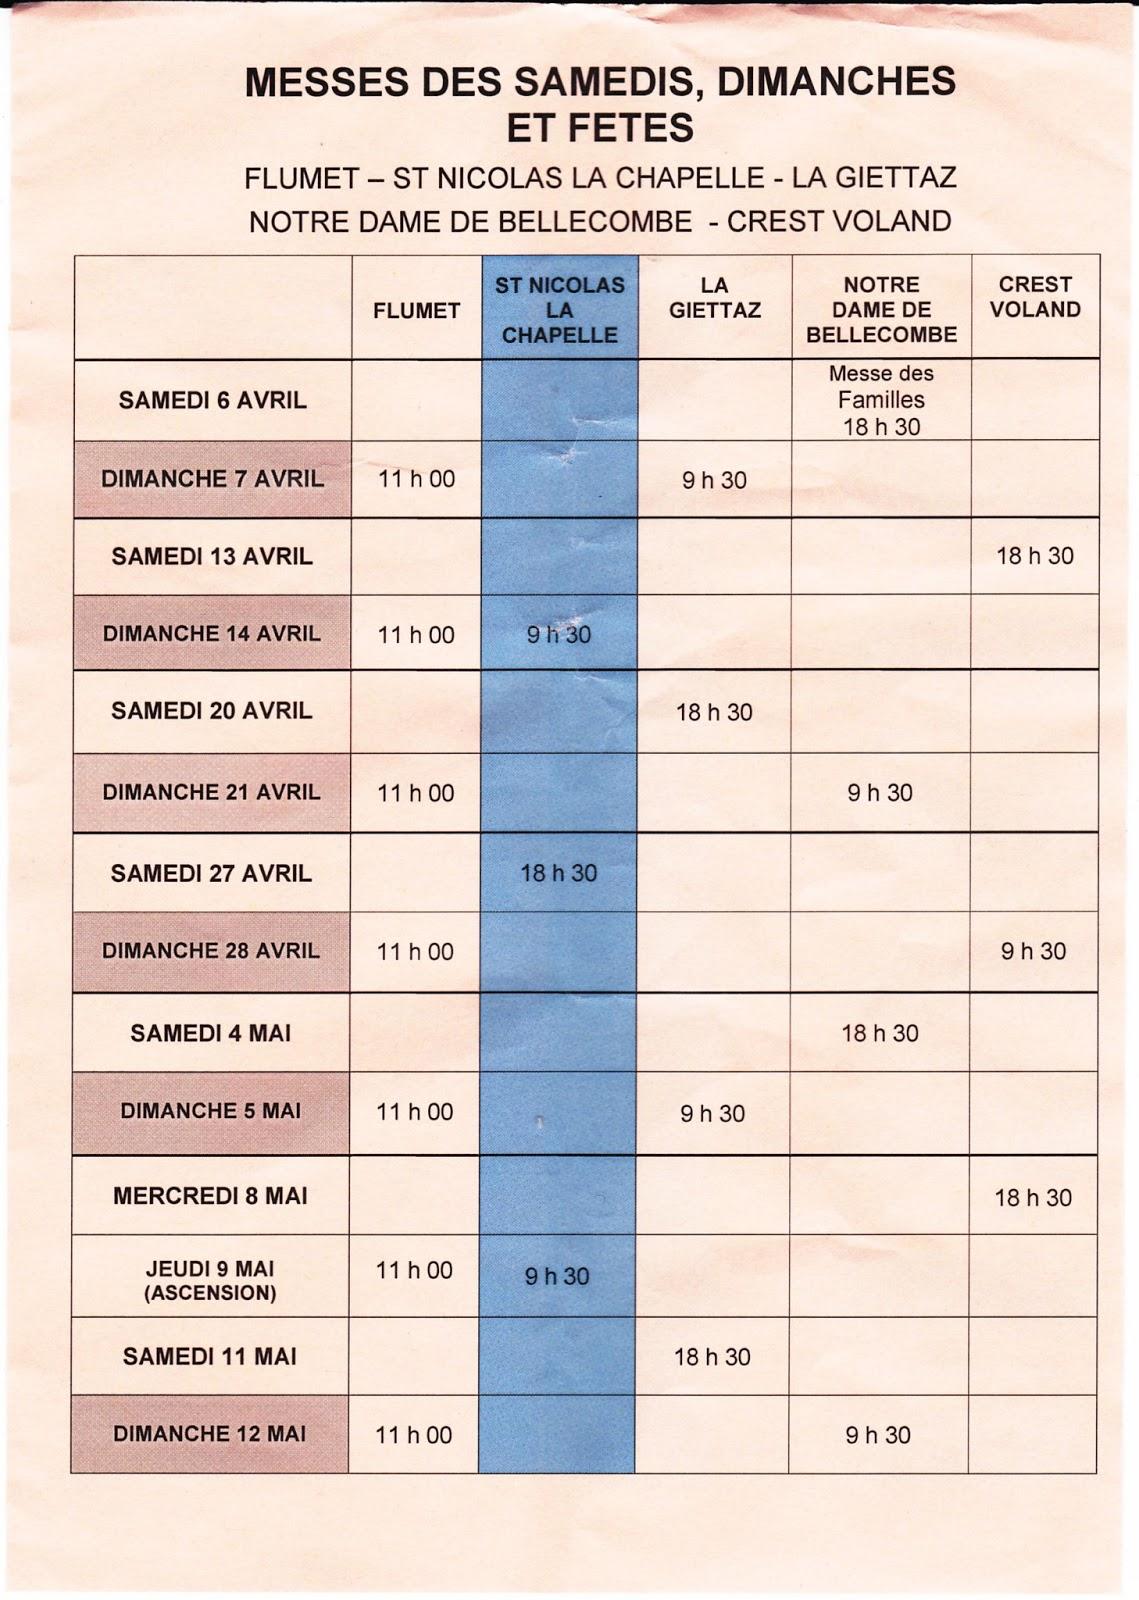 Calendrier des messes en val d 39 arly - Changement d heure printemps 2017 ...